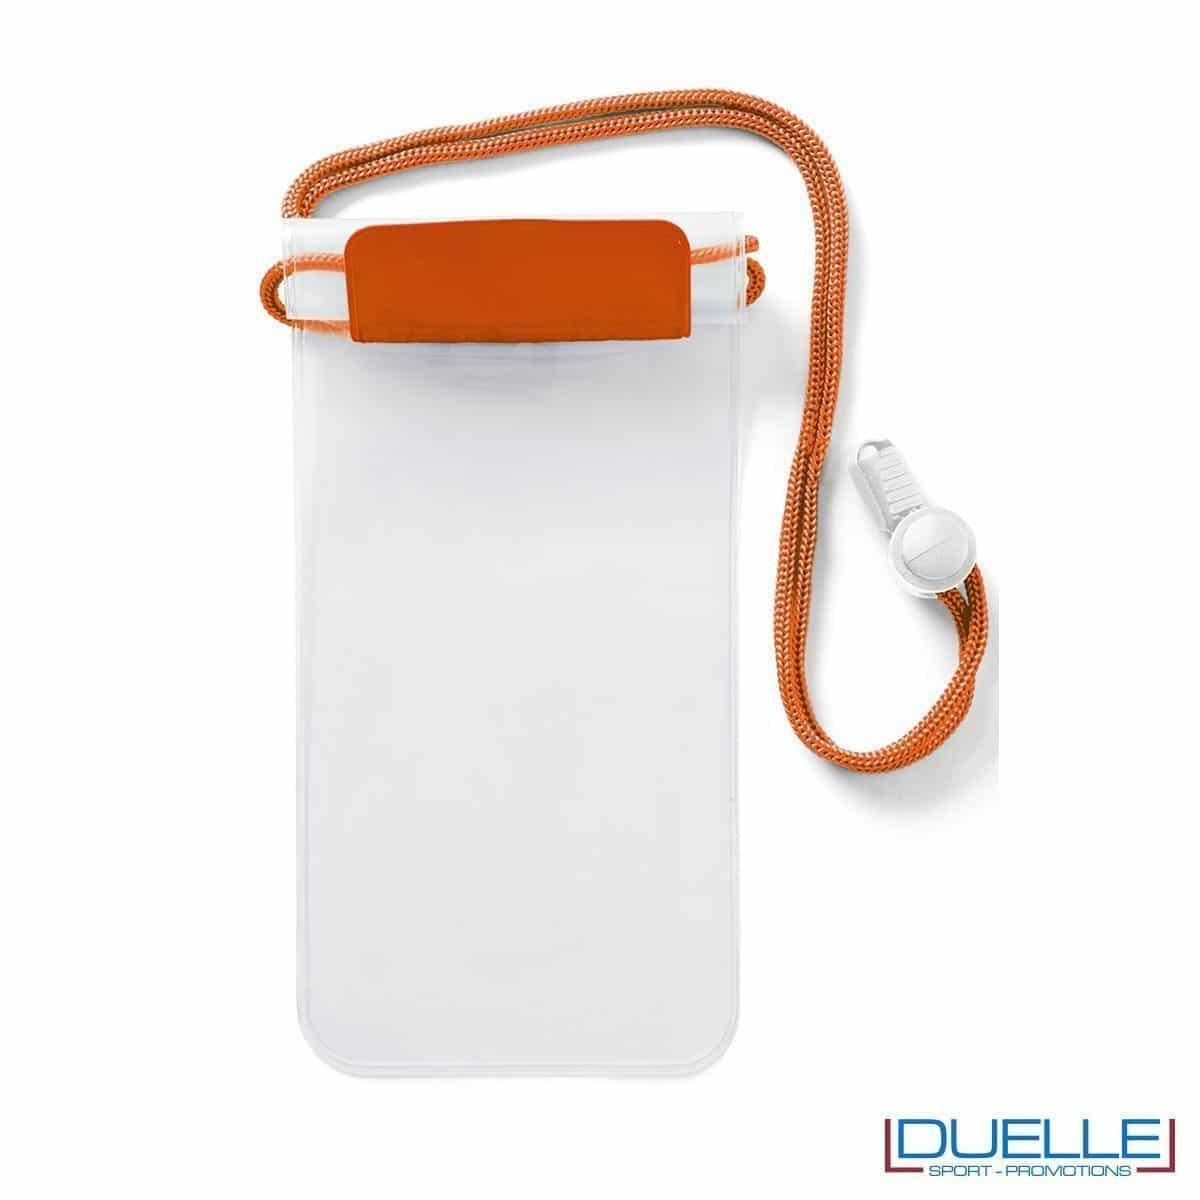 portacellulare personalizzato impermeabile colore arancione, porta smartphone impermeabile personalizzabile colore arancione